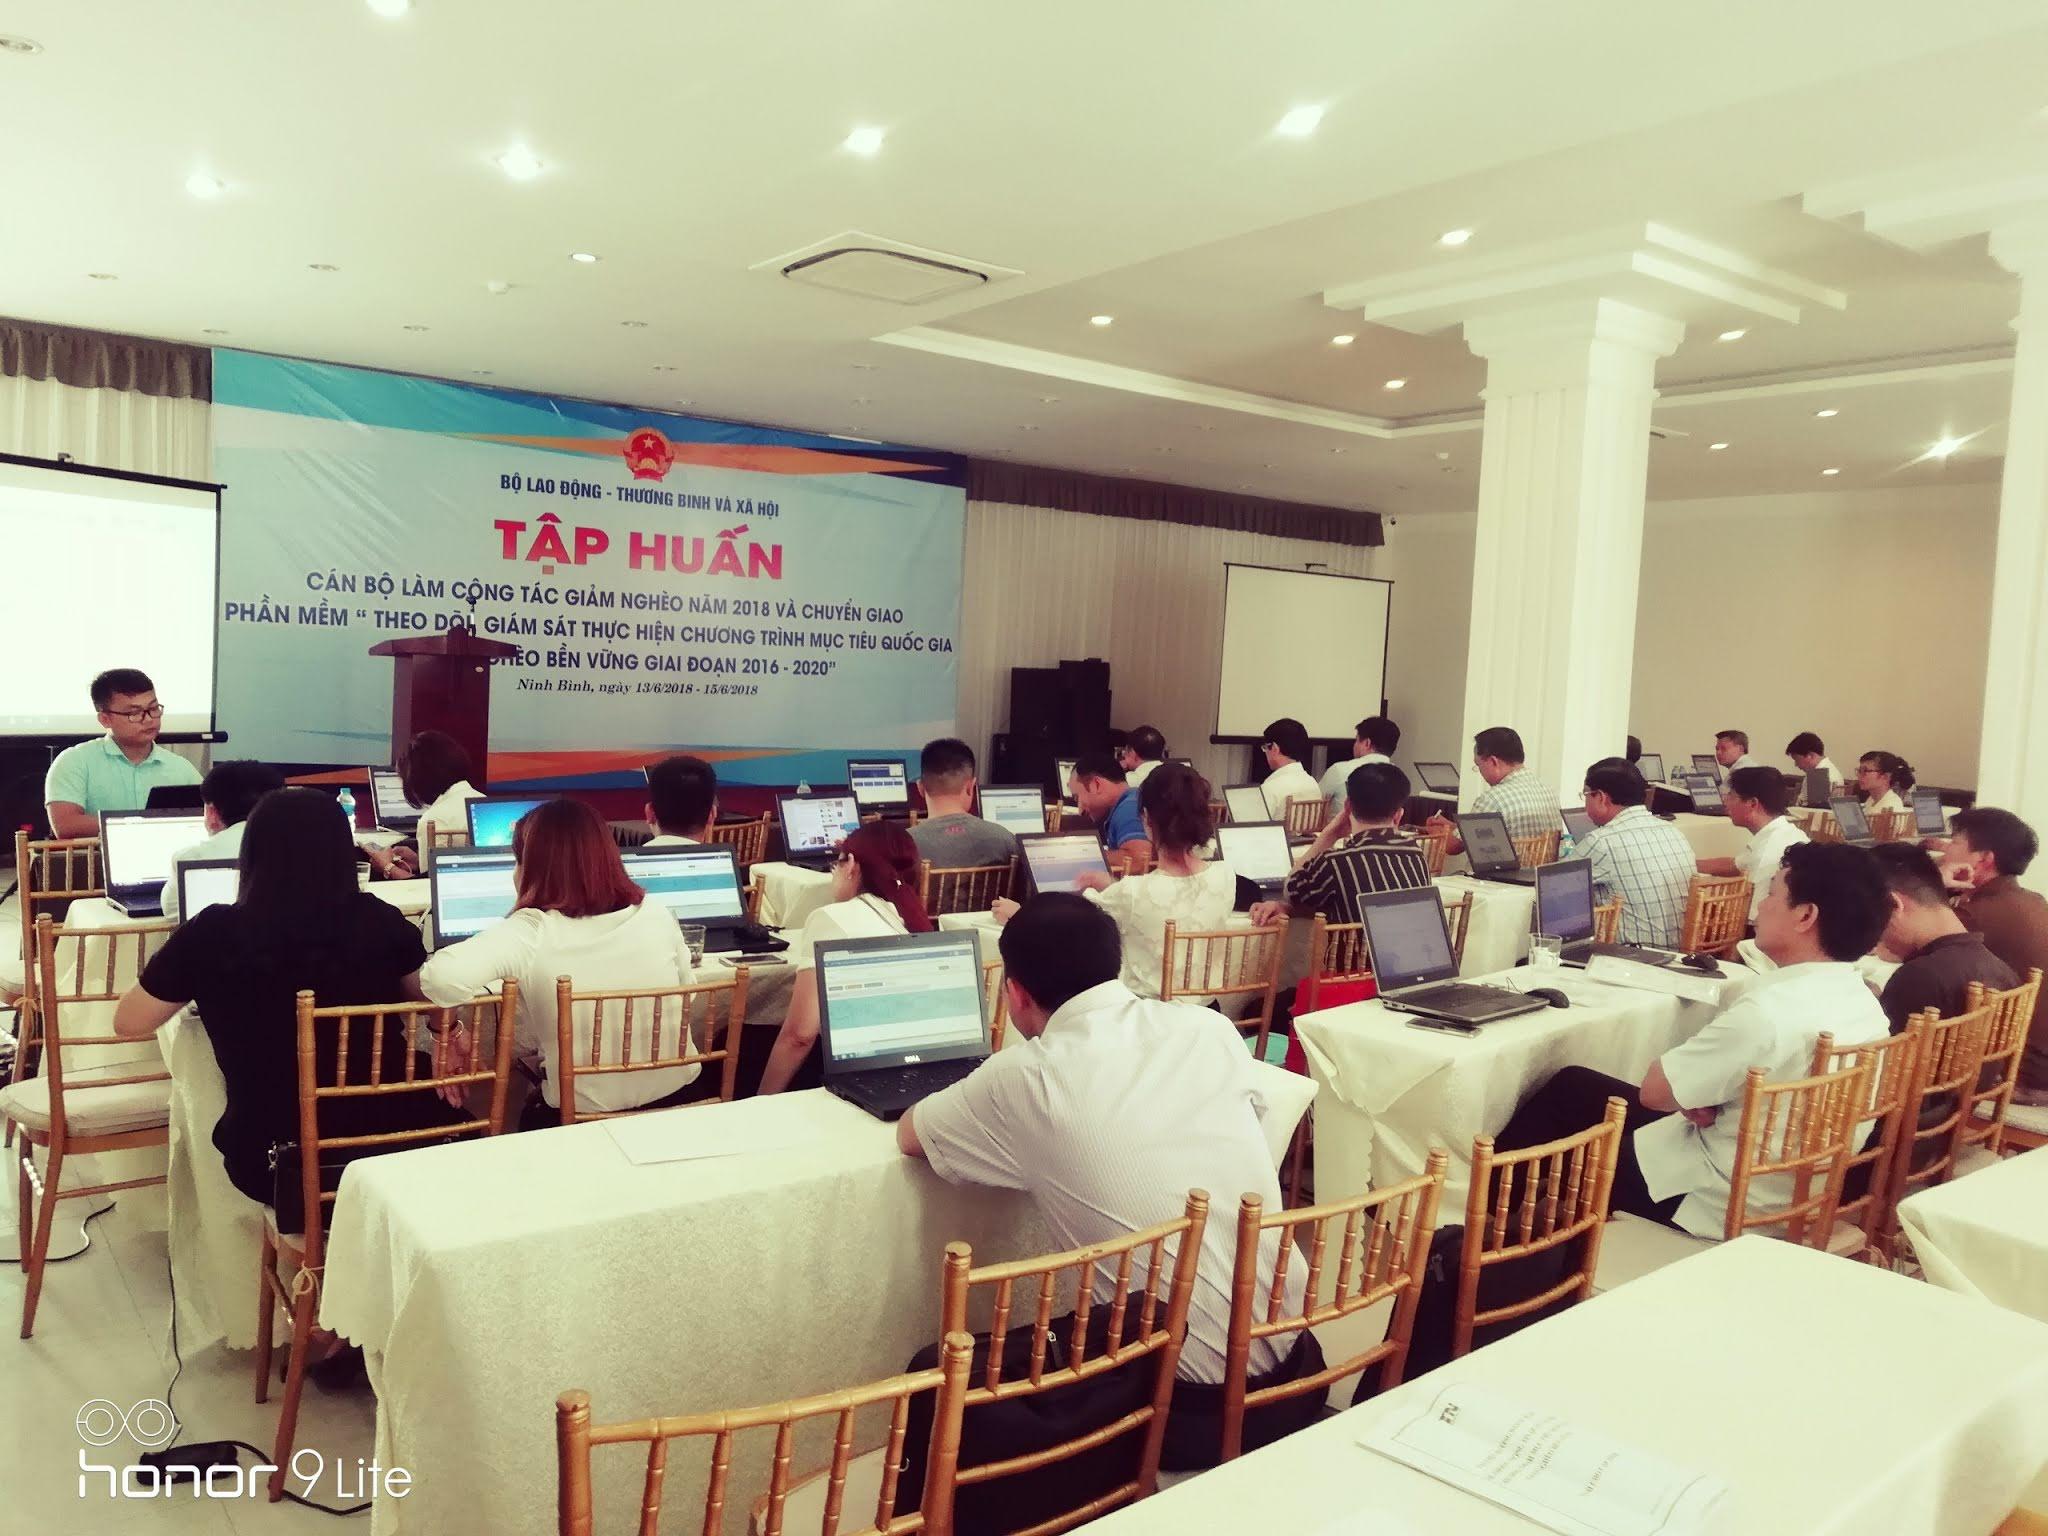 dịch vụ cho thuê máy tính Chương trình giảm nghèo bền vững, dịch vụ sửa chữa